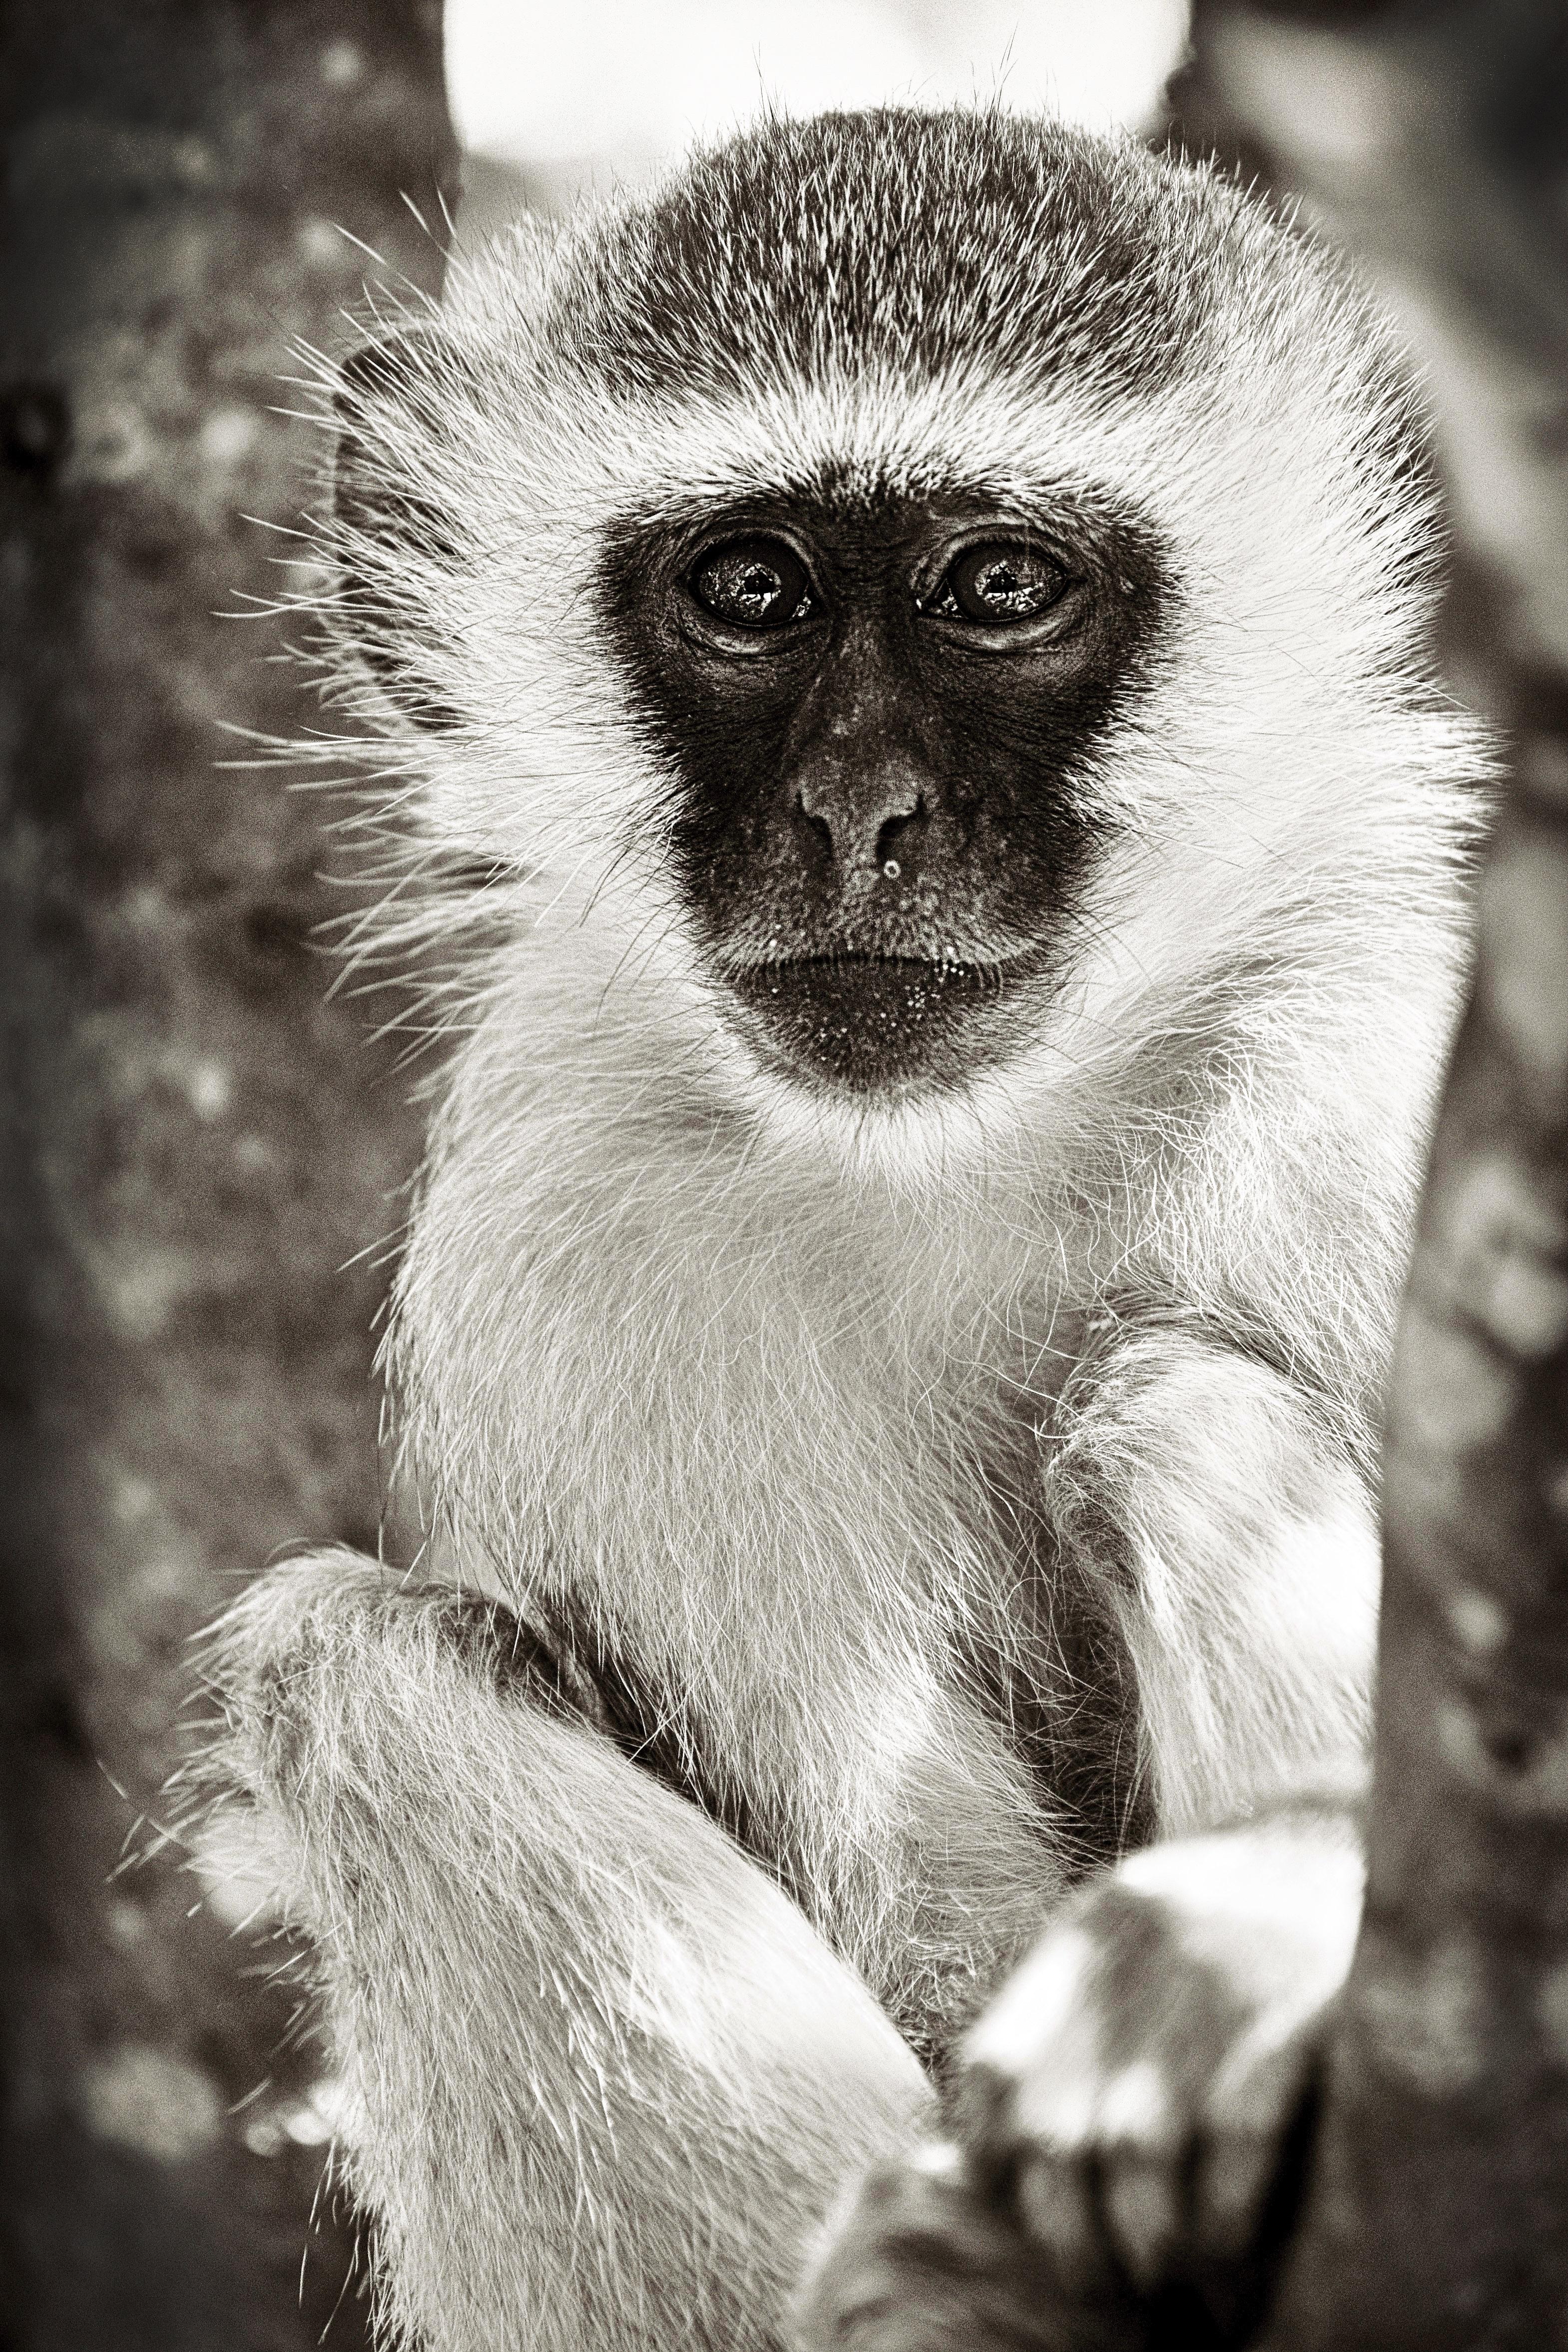 Vervet Monkey in South Africa